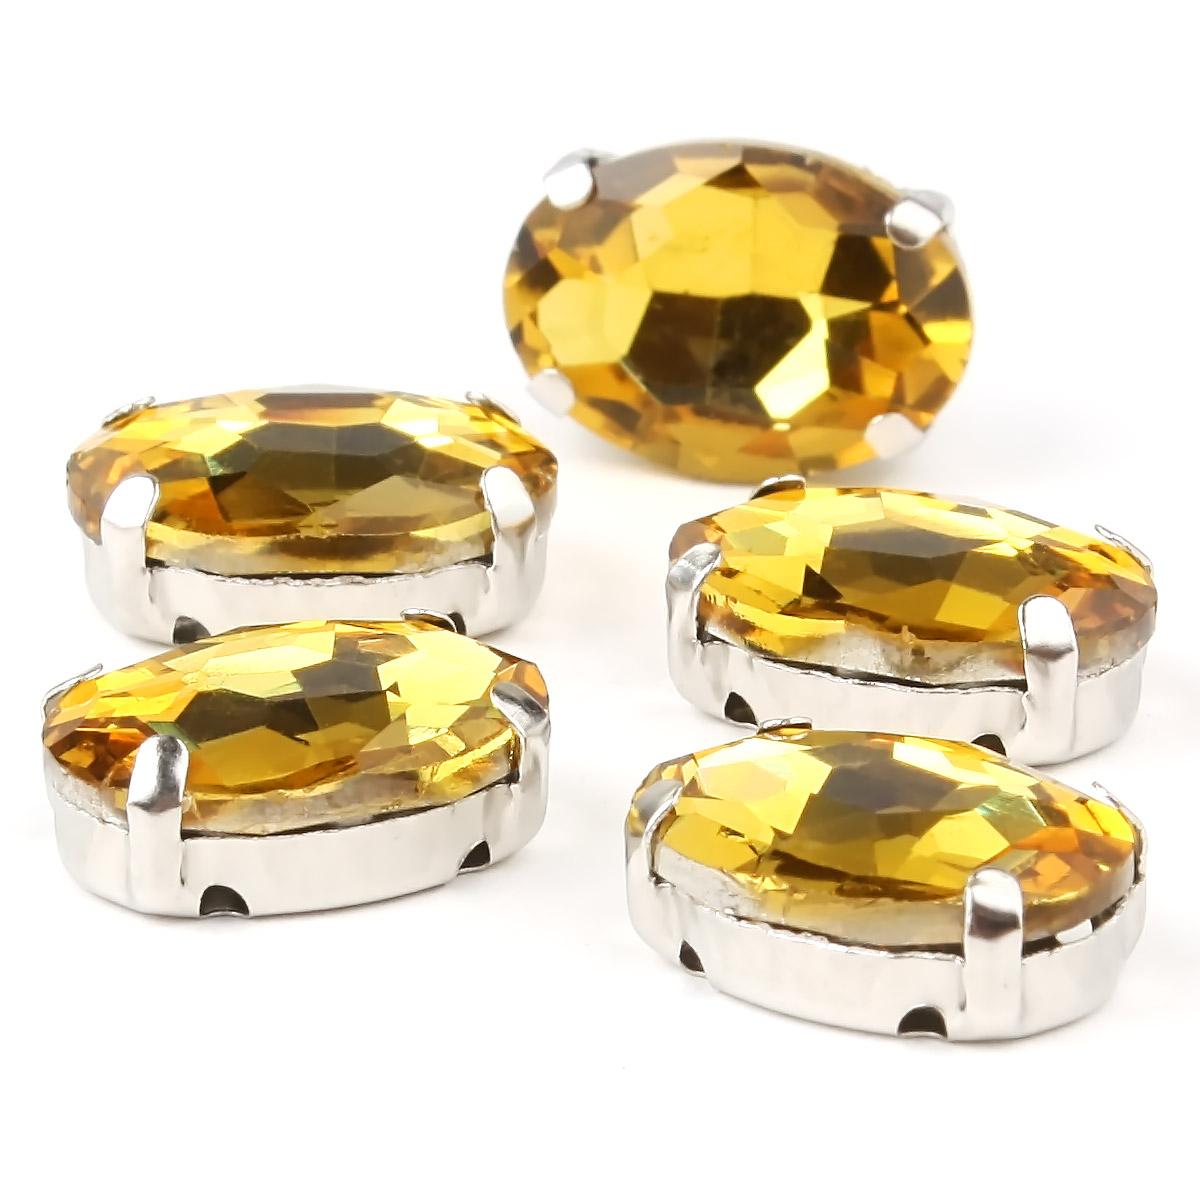 ОЦ004НН1014 Хрустальные стразы в цапах овальной формы, желтый 10х14 мм, 5 шт.